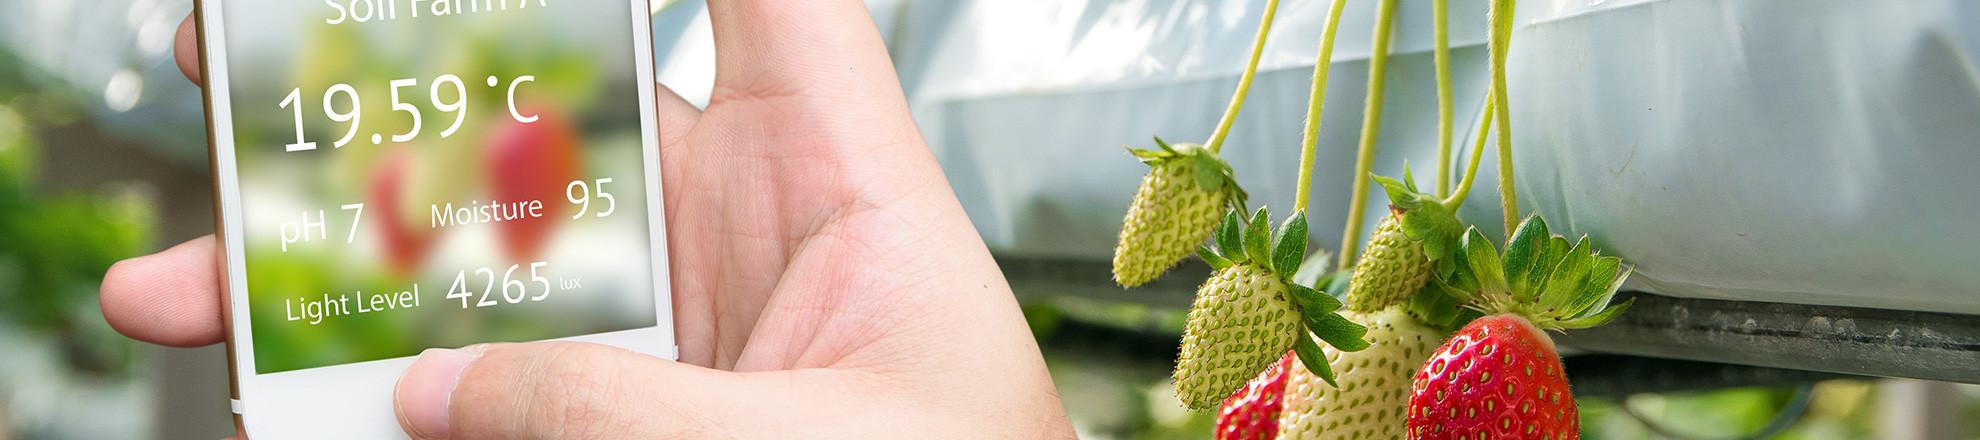 Sensoring tuinbouw jaarimpressie 2019